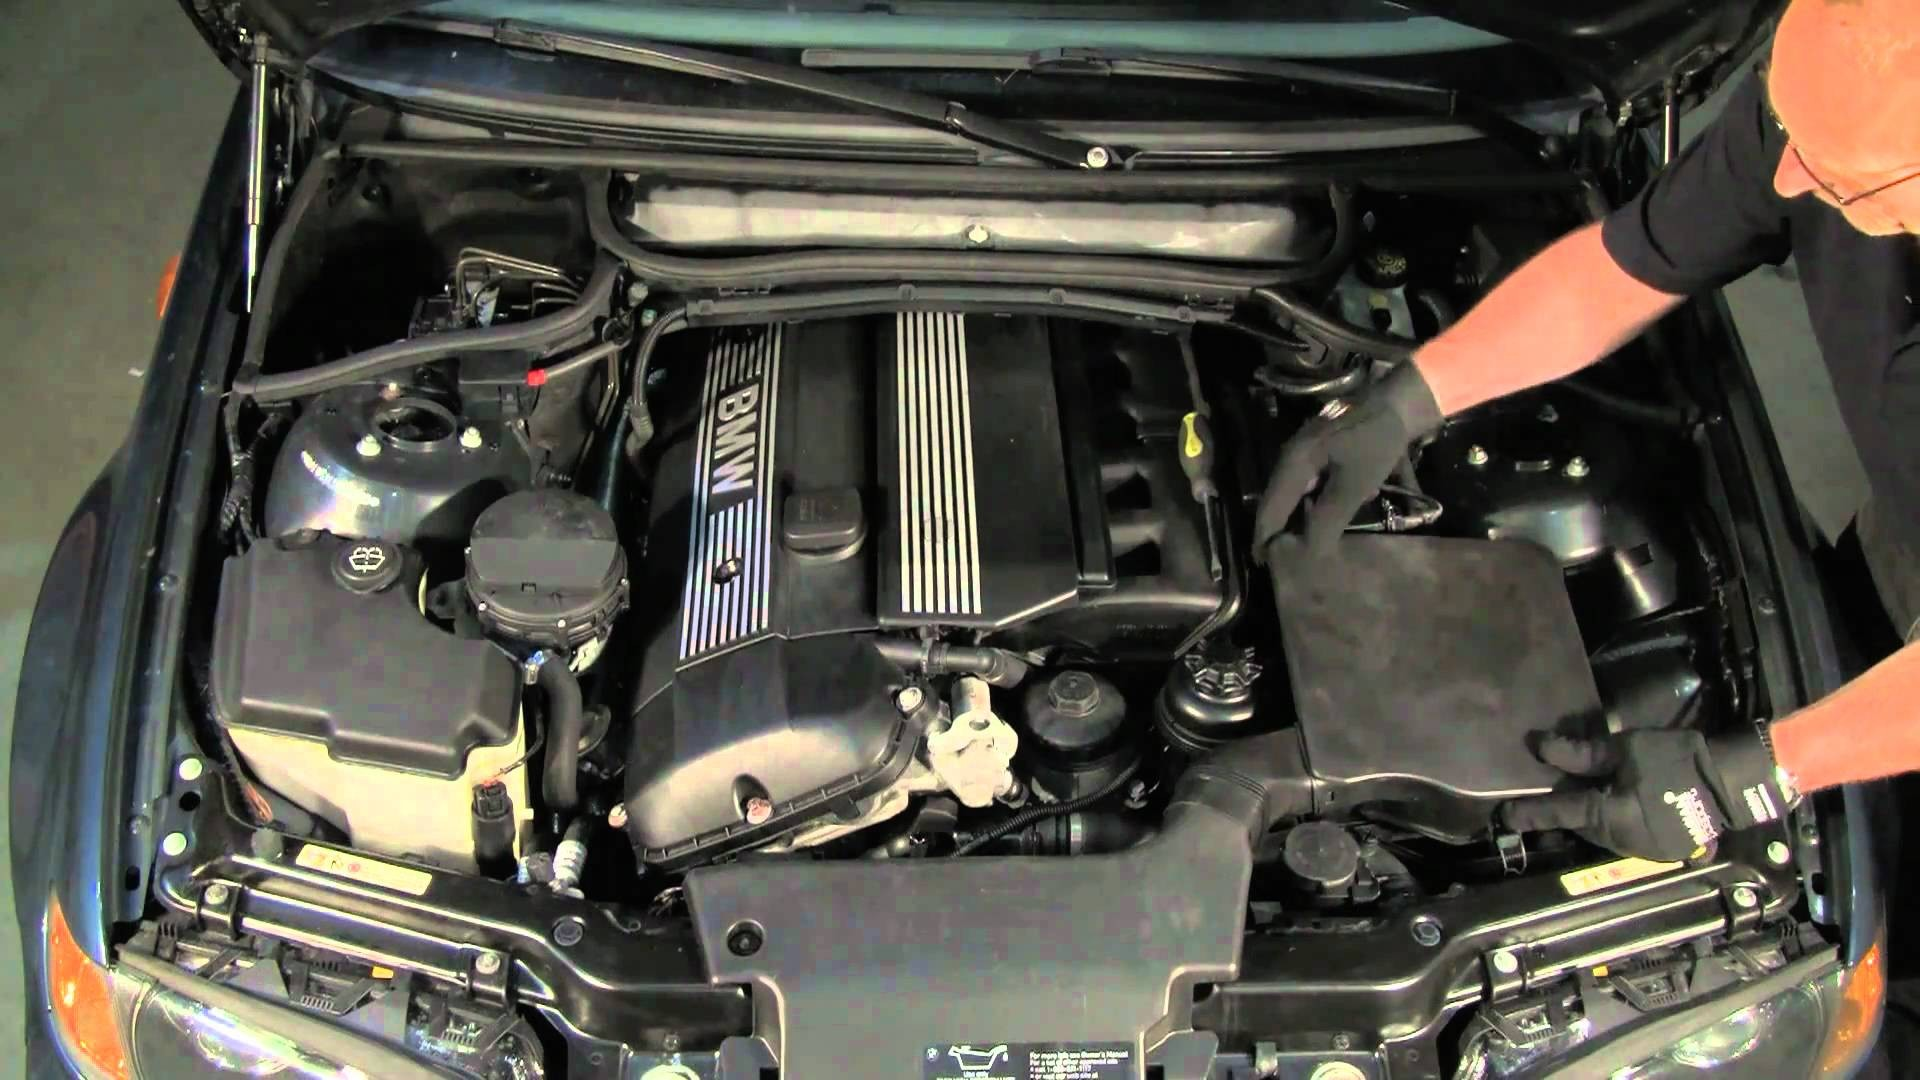 Bmw E46 Engine Parts Diagram Bmw 3 Series Parts Diagram Of Bmw E46 Engine Parts Diagram